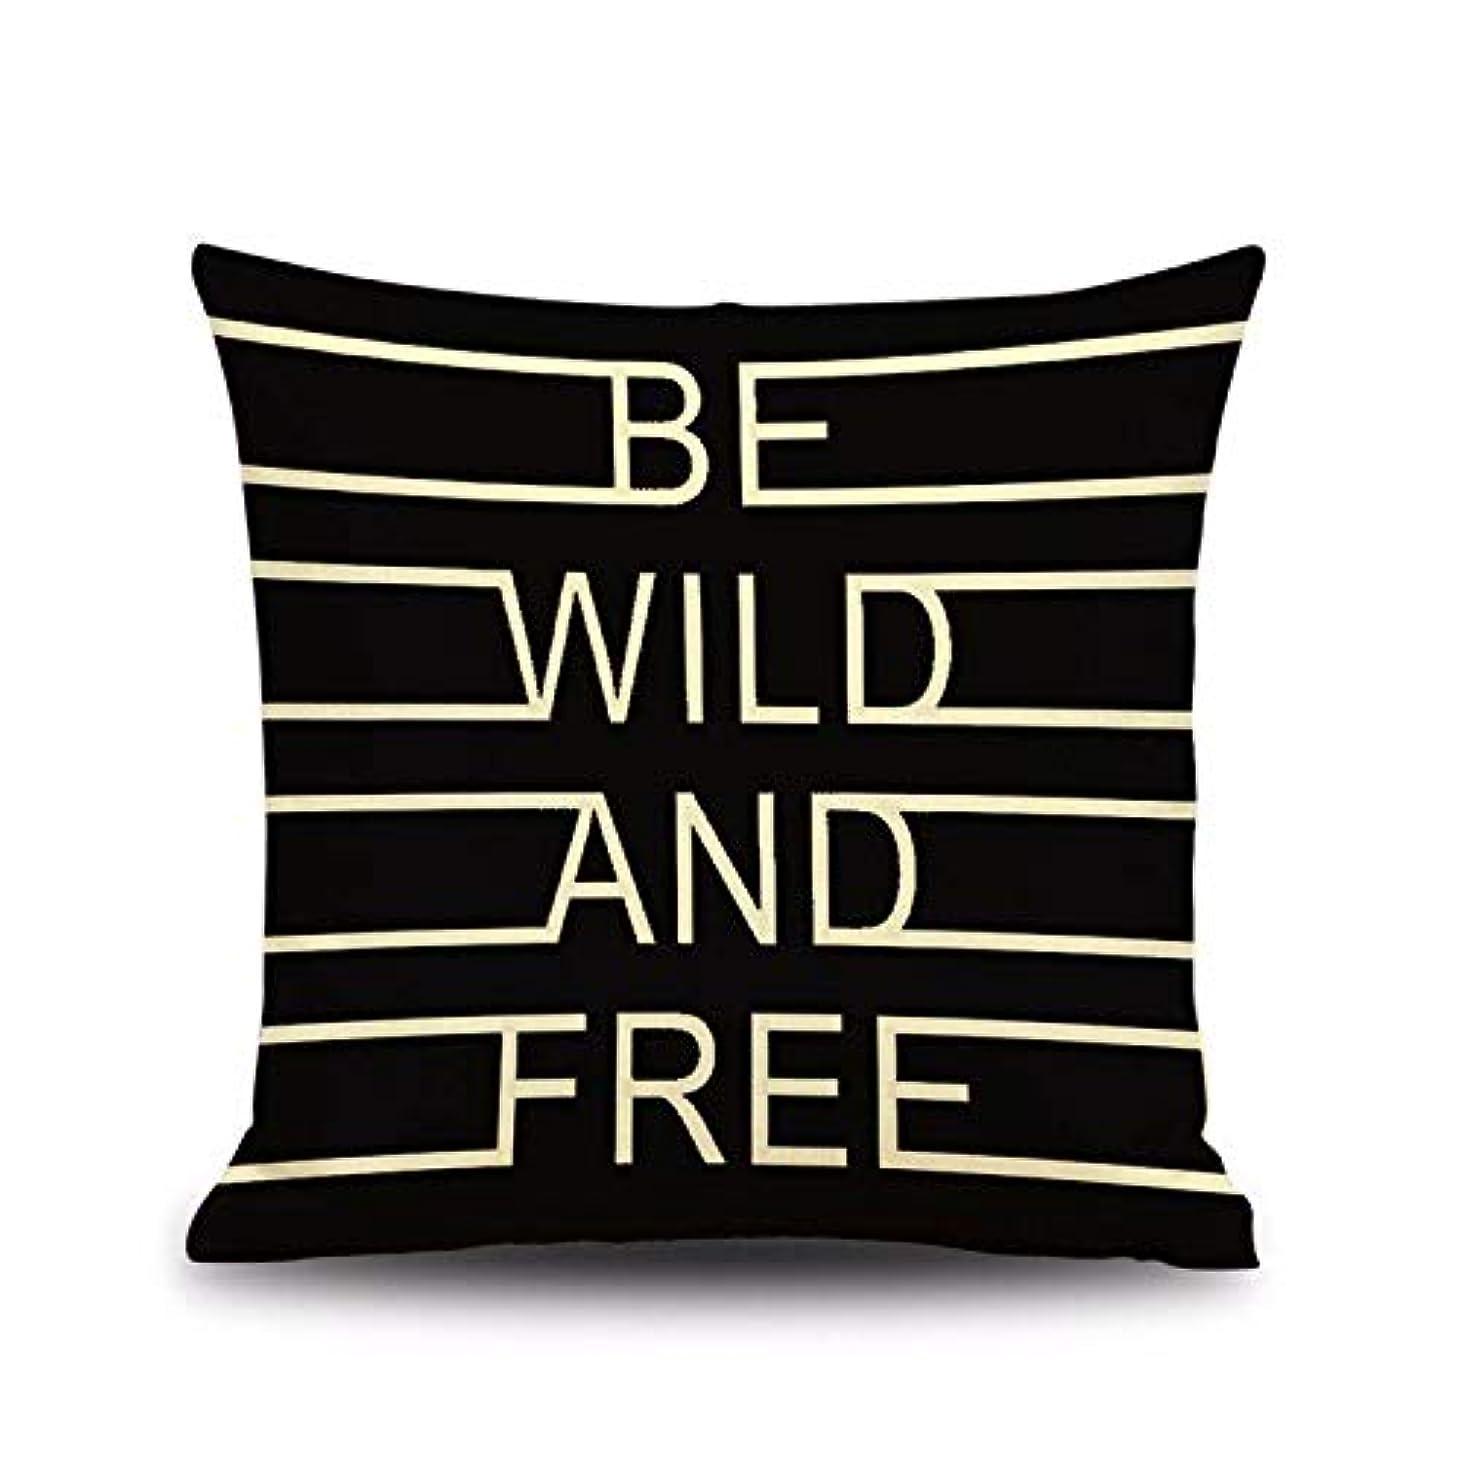 極めて重要なスケッチ解釈的LIFE 送料無料リネンクッション、枕 (含まないフィリング) 40 × 40 センチメートル、 45 × 45 センチメートル、 50 × 50 センチメートル、 60 × 60 センチメートル クッション 椅子